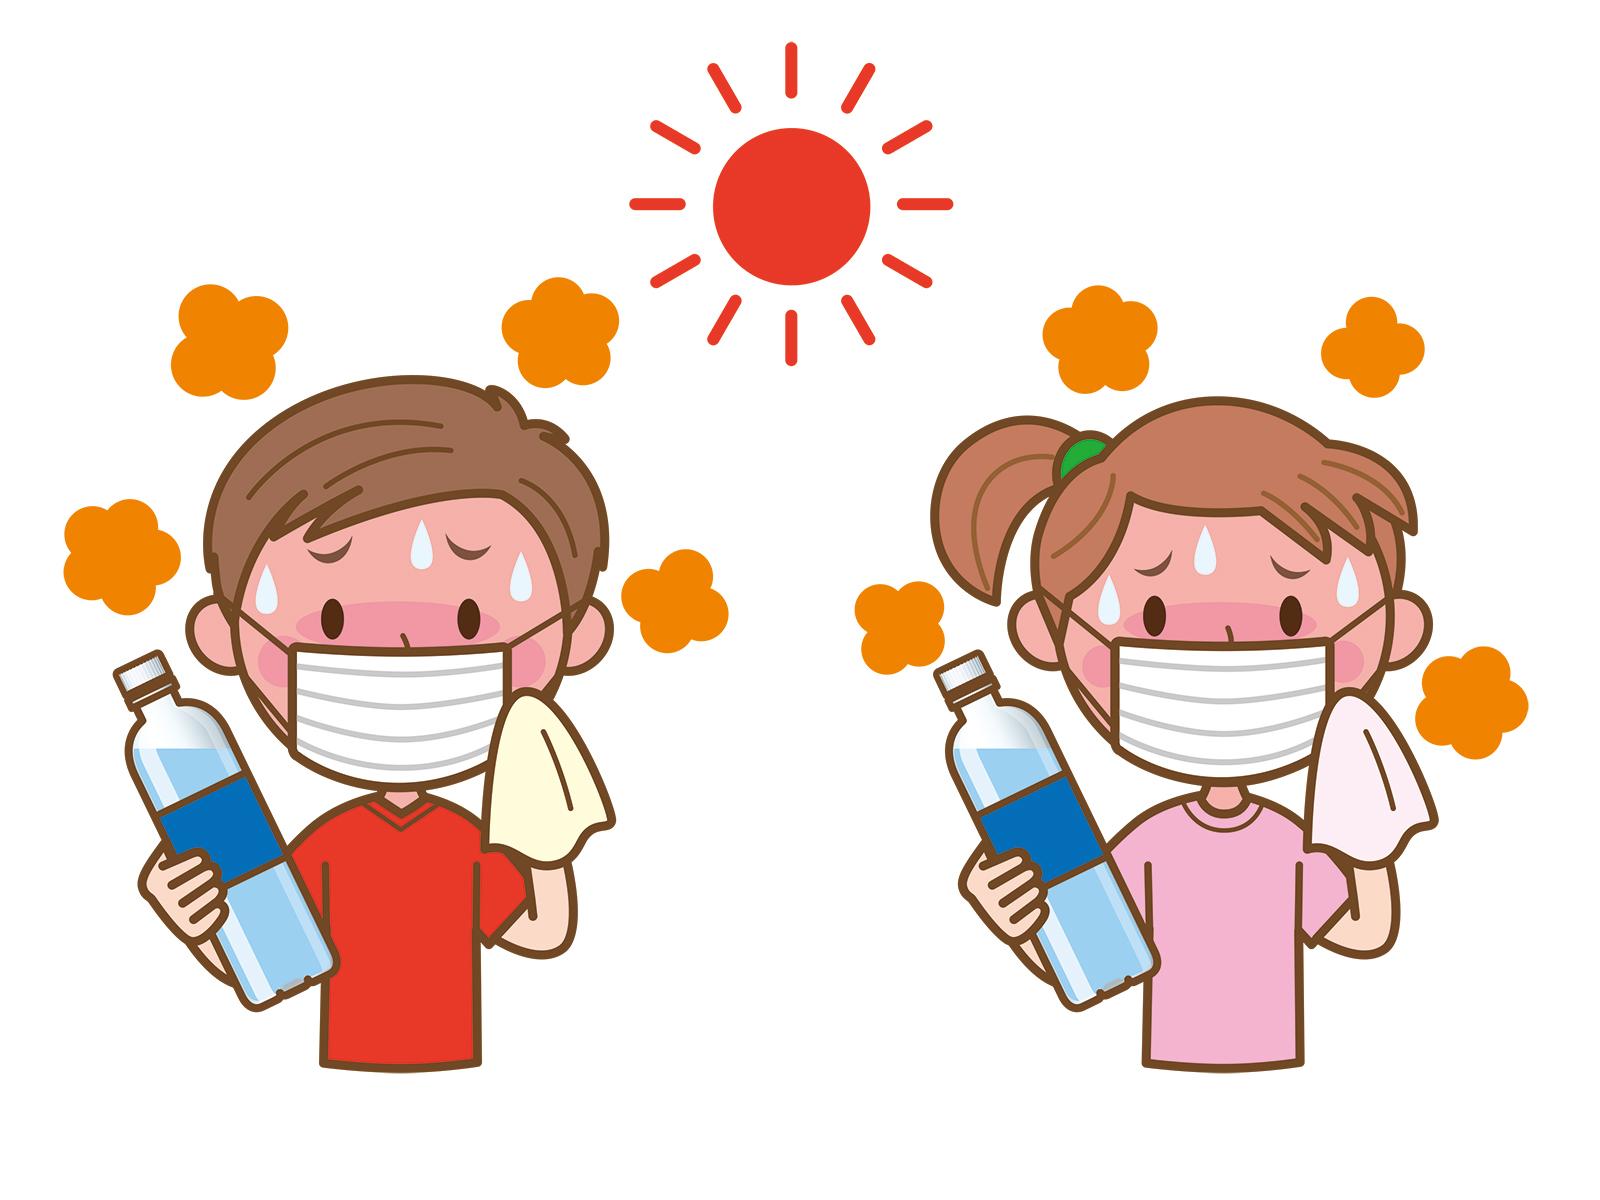 久留米市 今日の最高気温37.4度 今年一番の暑さ 熱中症注意【8/17】